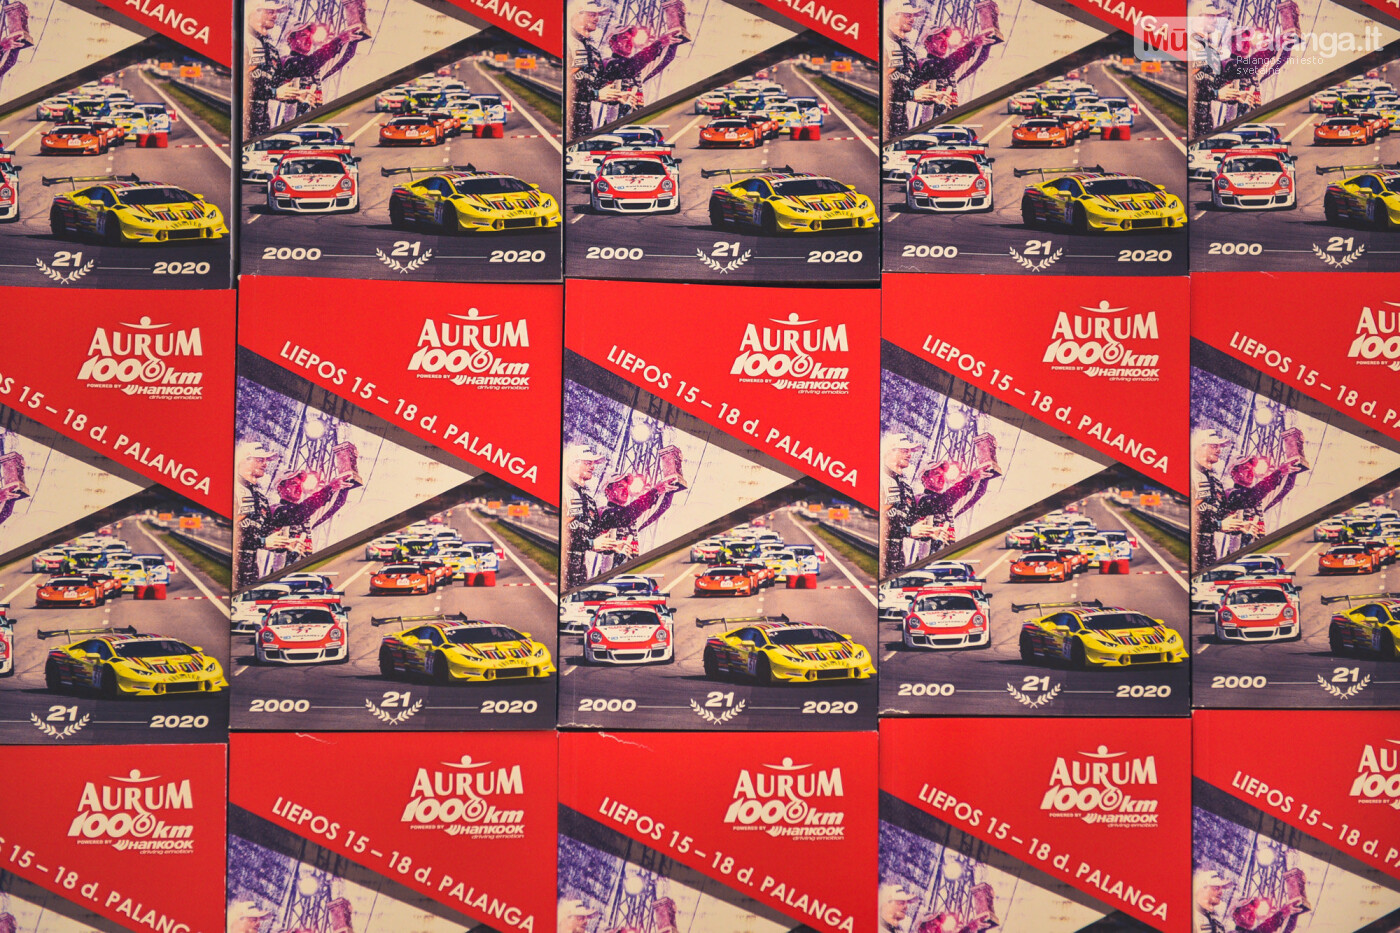 """Palanga alsuoja """"Aurum 1006 km lenktynių"""" ritmu, nuotrauka-118, Vytauto PILKAUSKO ir Arno STRUMILOS nuotr."""